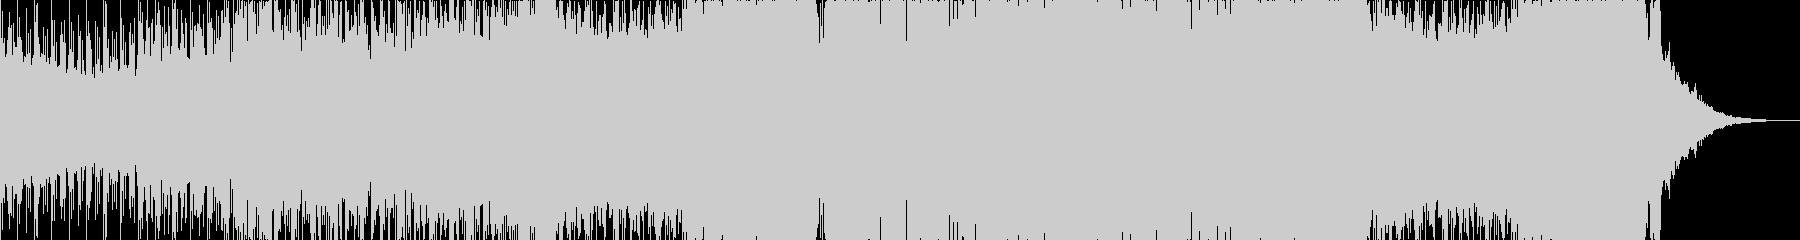 不気味なダブステップの未再生の波形